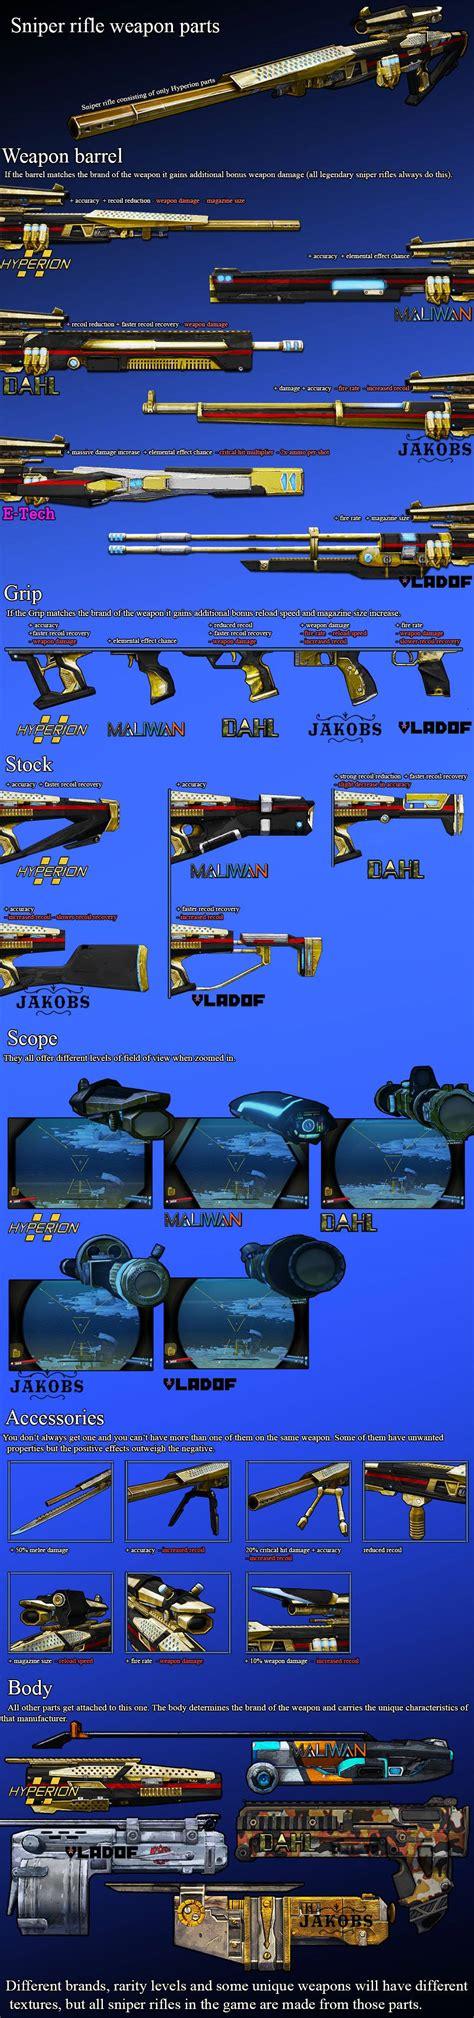 Borderlands 2 Sniper Rifles Parts